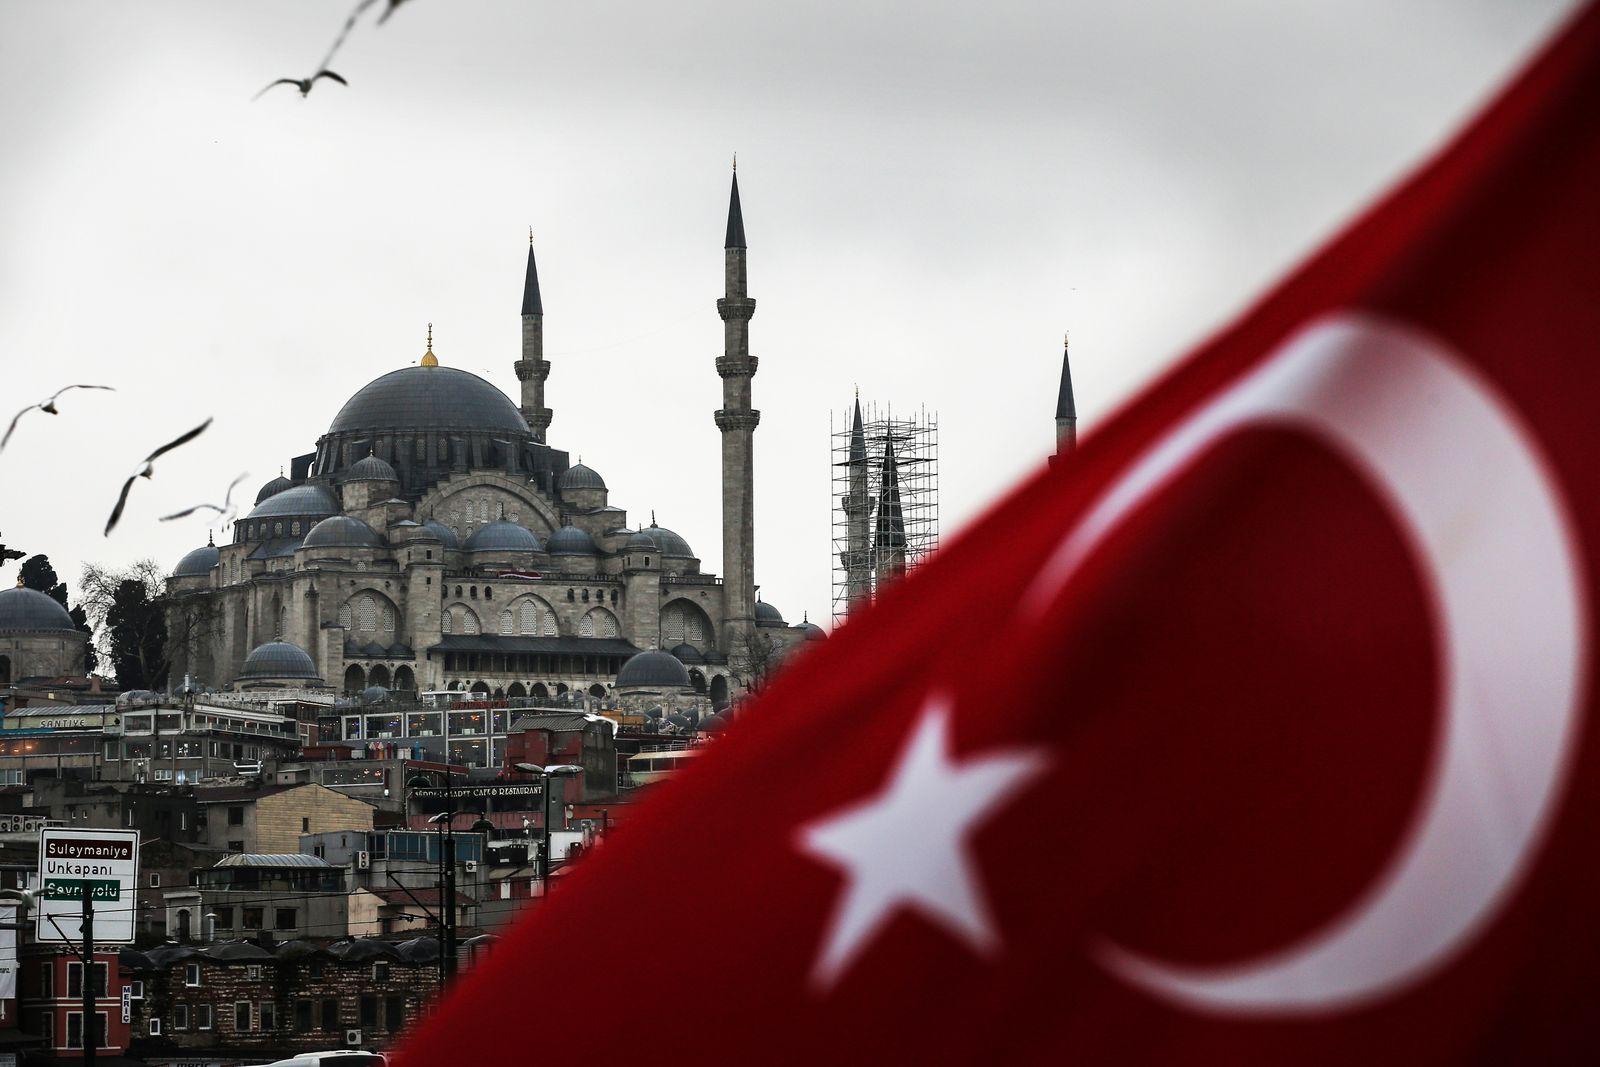 Türkei / Konjunktur / Wirtschaft / Wirtschaftswachstum / Istanbul